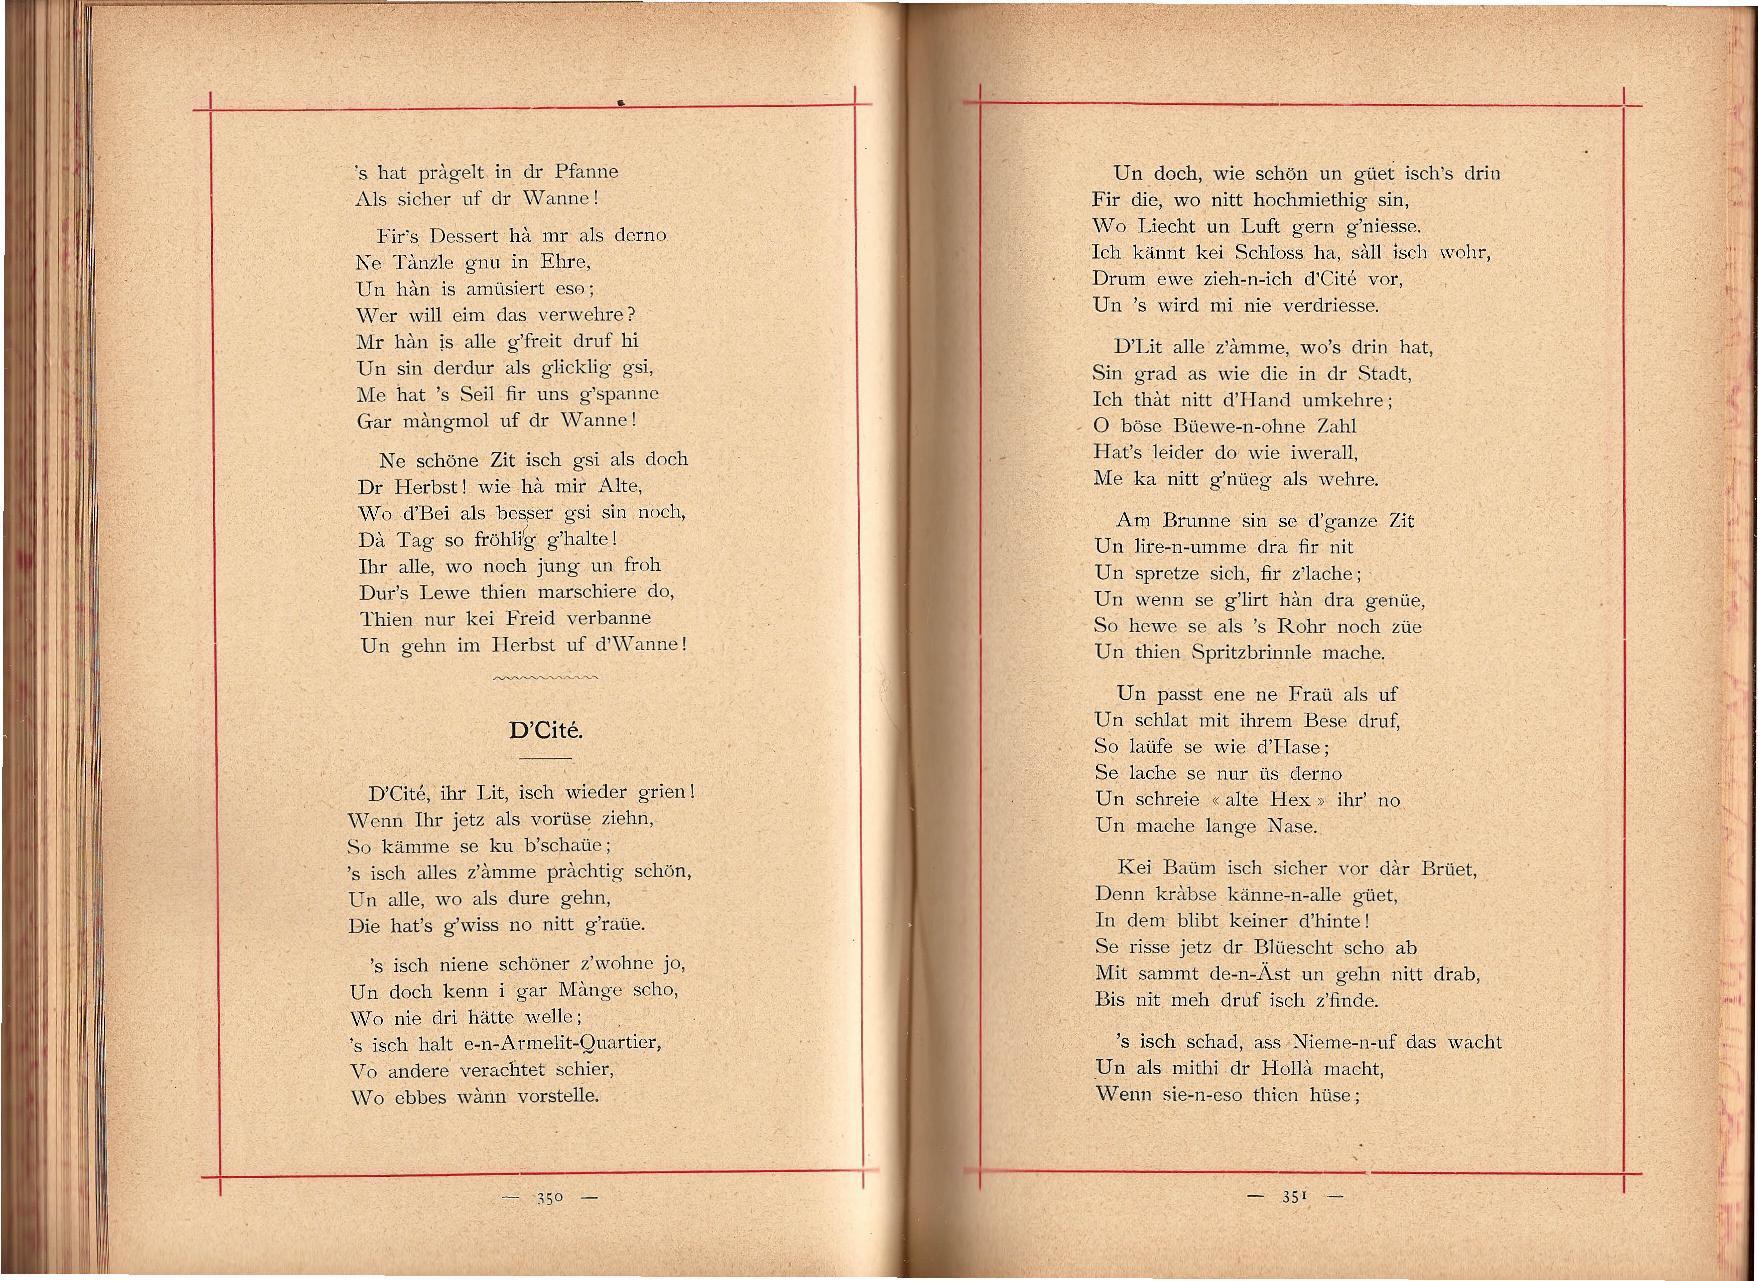 dateialustig s228mtlichewerke ersterband page350 351pdf